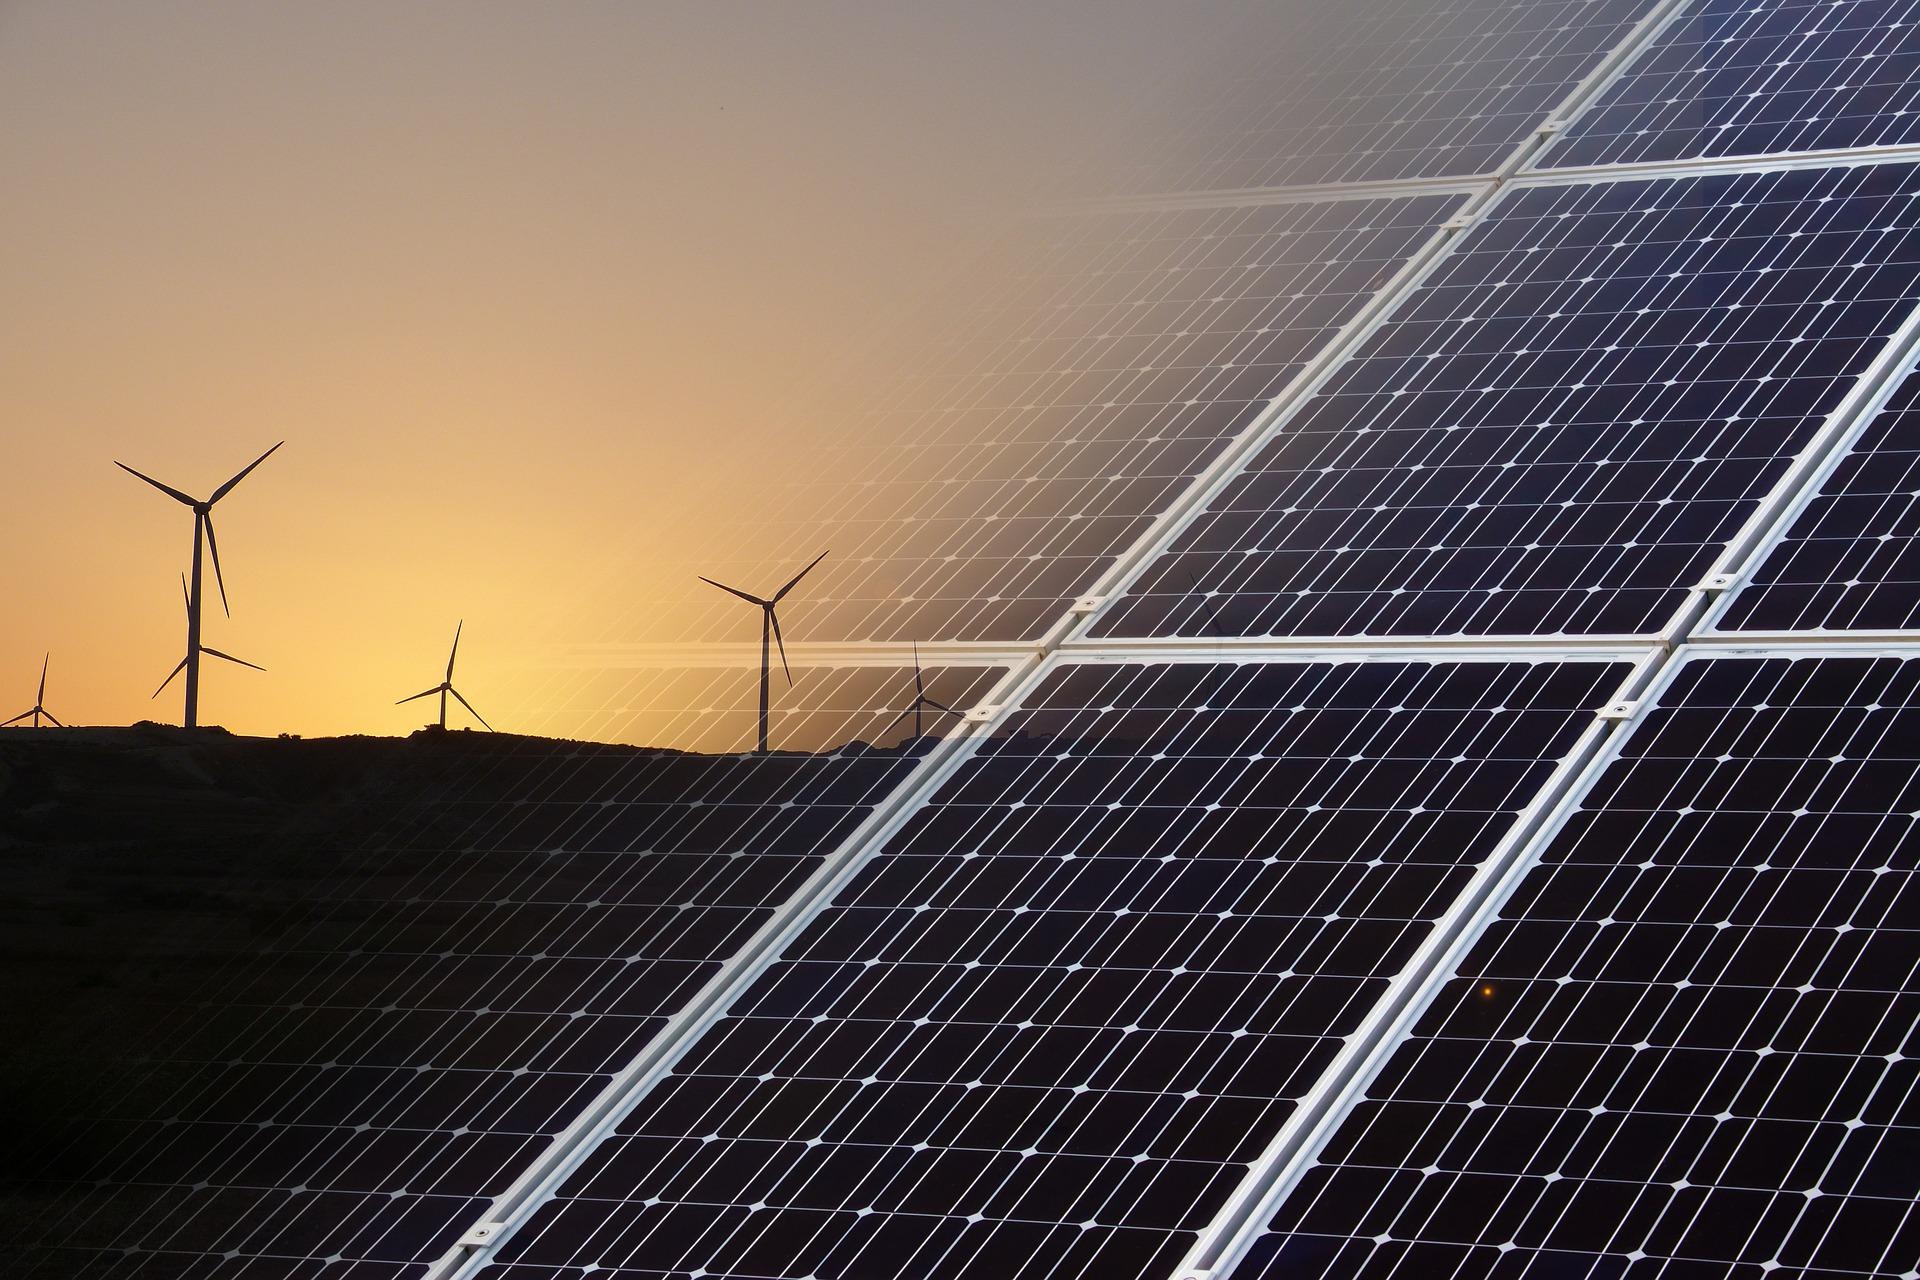 Saiba quais são as diferenças entre a energia solar e a energia eólica